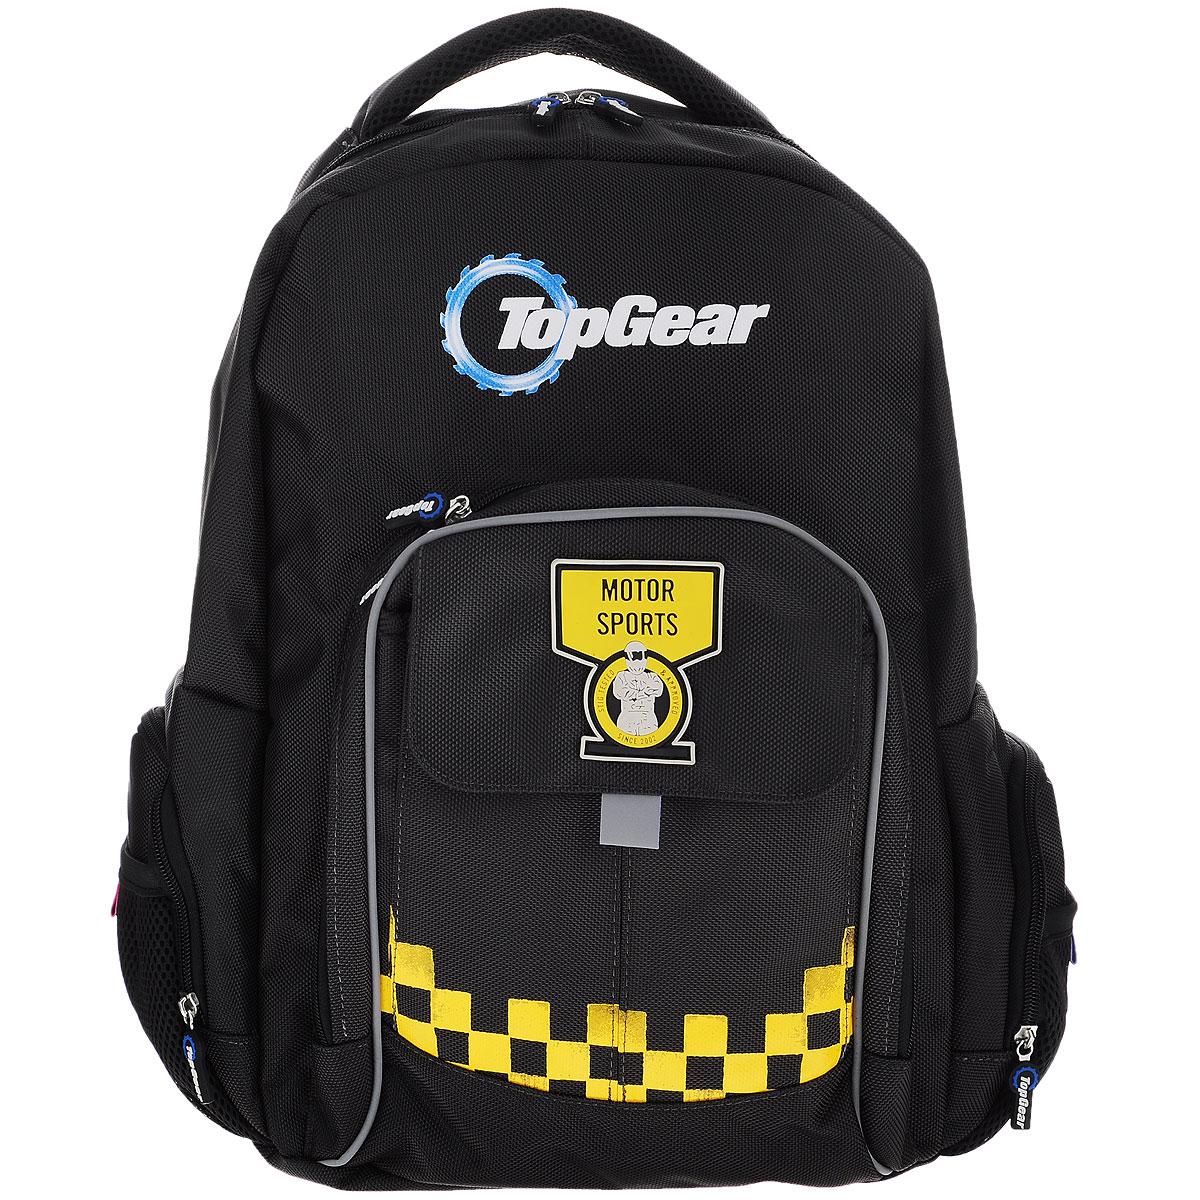 Рюкзак подростковый Proff Top Gear, цвет: серый, желтыйTG15-BP-20Рюкзак подростковый Proff Top Gear станет надежным спутником в получении знаний. Он выполнен из полиэстера, имеет оригинальное оформление. Рюкзак имеет одно большое отделение, которое закрывается на молнию. Внутри большого отделения расположен сквозной накладной карман на липучке, два небольших кармана для мелочи, три кармашка для ручек или карандашей, а также карабин для ключей. Помимо основного отделения, рюкзак имеет один внешний карман на молнии и один на липучке с лицевой стороны, и по два боковых кармана с каждой стороны, один на молнии, один открытый на резинке. Рюкзак оснащен широкими плечевыми ремнями с поролоновым наполнителем, которые регулируются по длине, и мягкой ручкой для переноски в руке, а удобная спинка анатомической формы будет оберегать спину при длительных нагрузках.